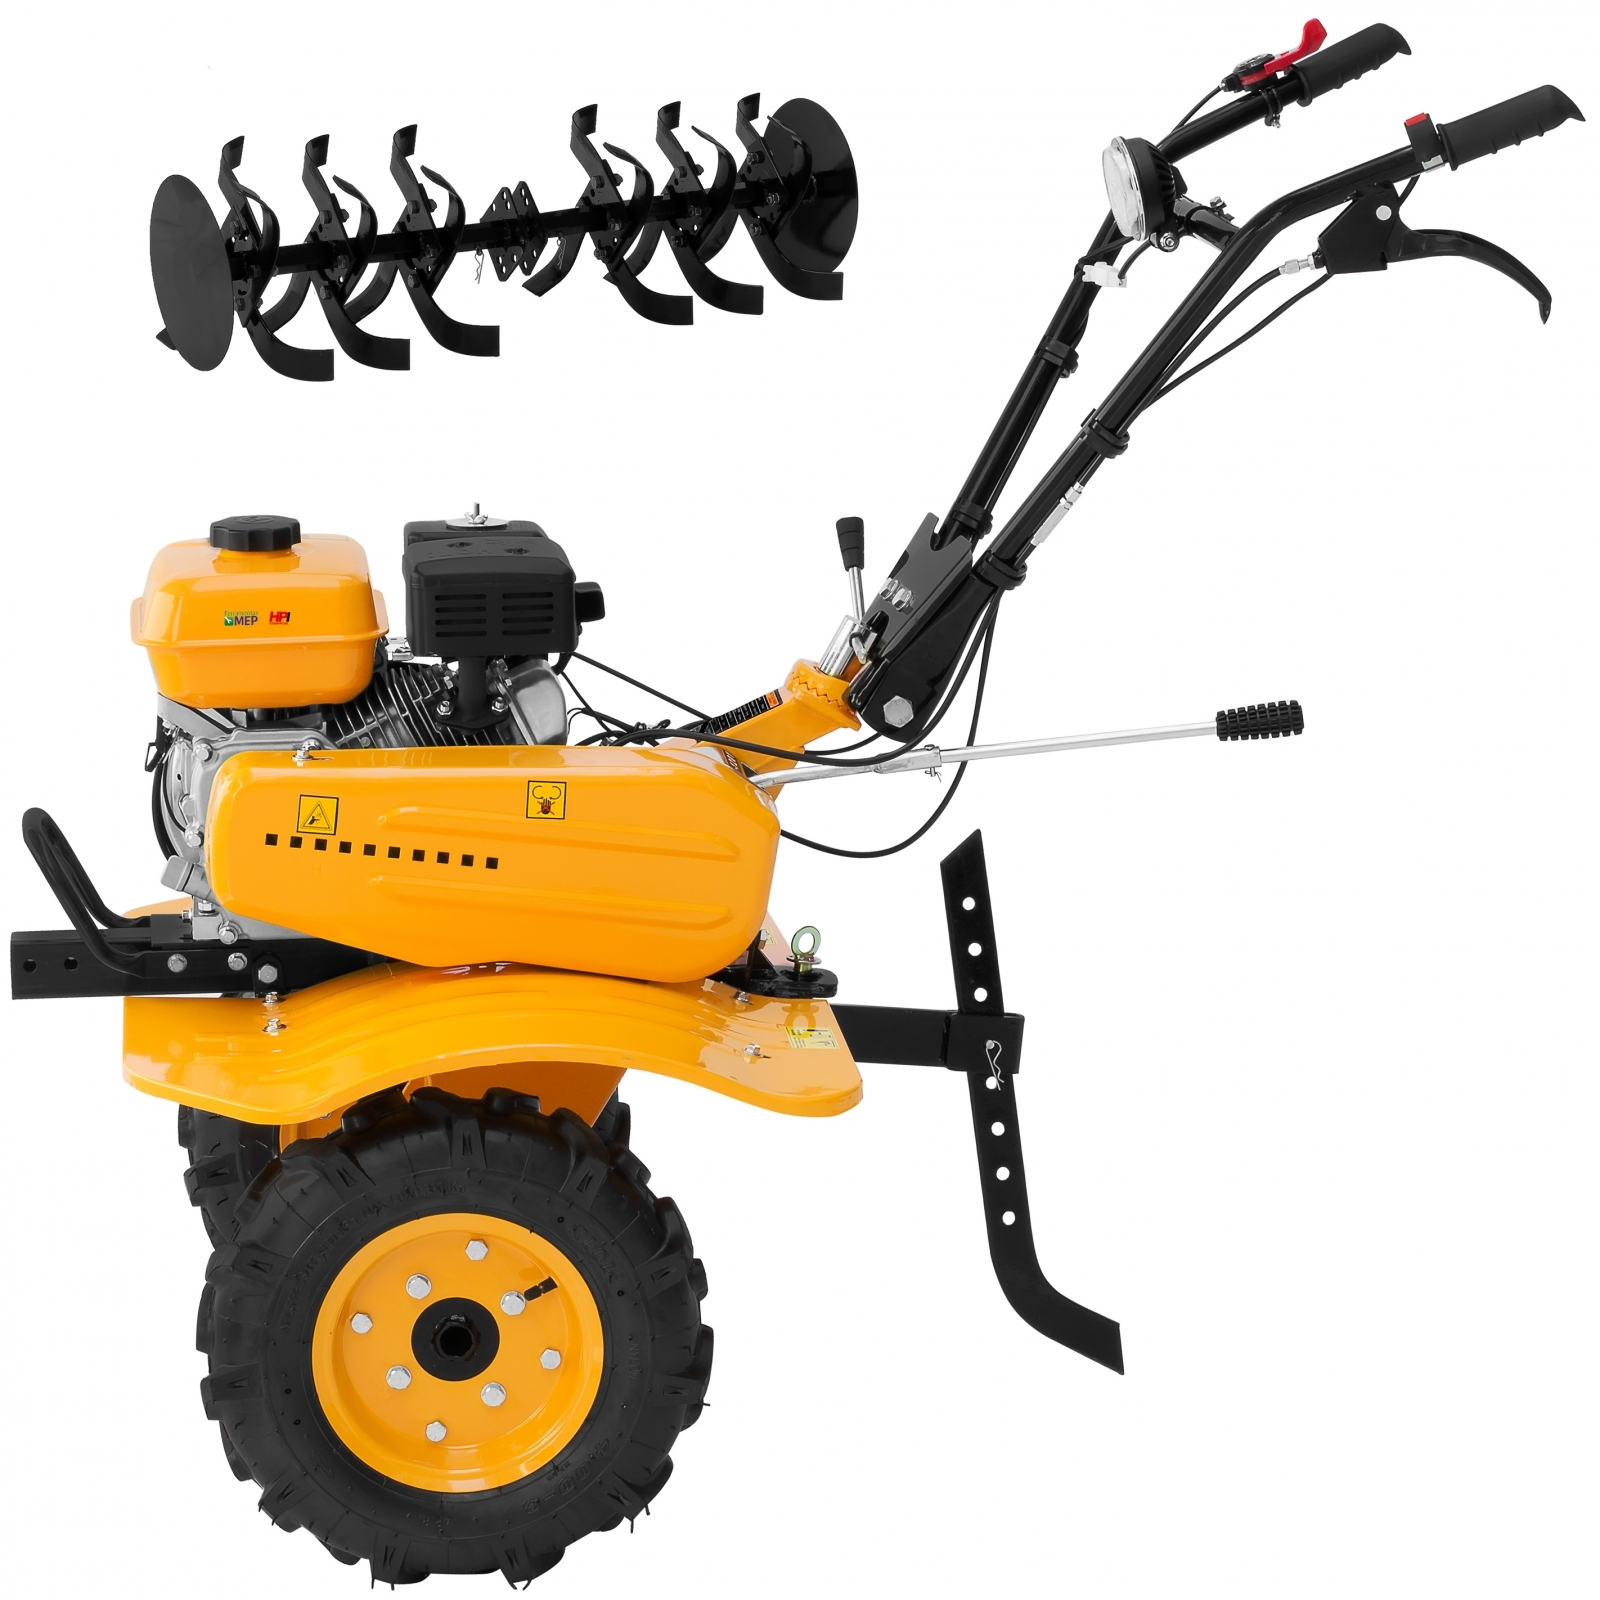 Motocultivador a Gasolina com Enxada Rotativa 7hp Zmax ZT900 Er1 - Ferramentas MEP